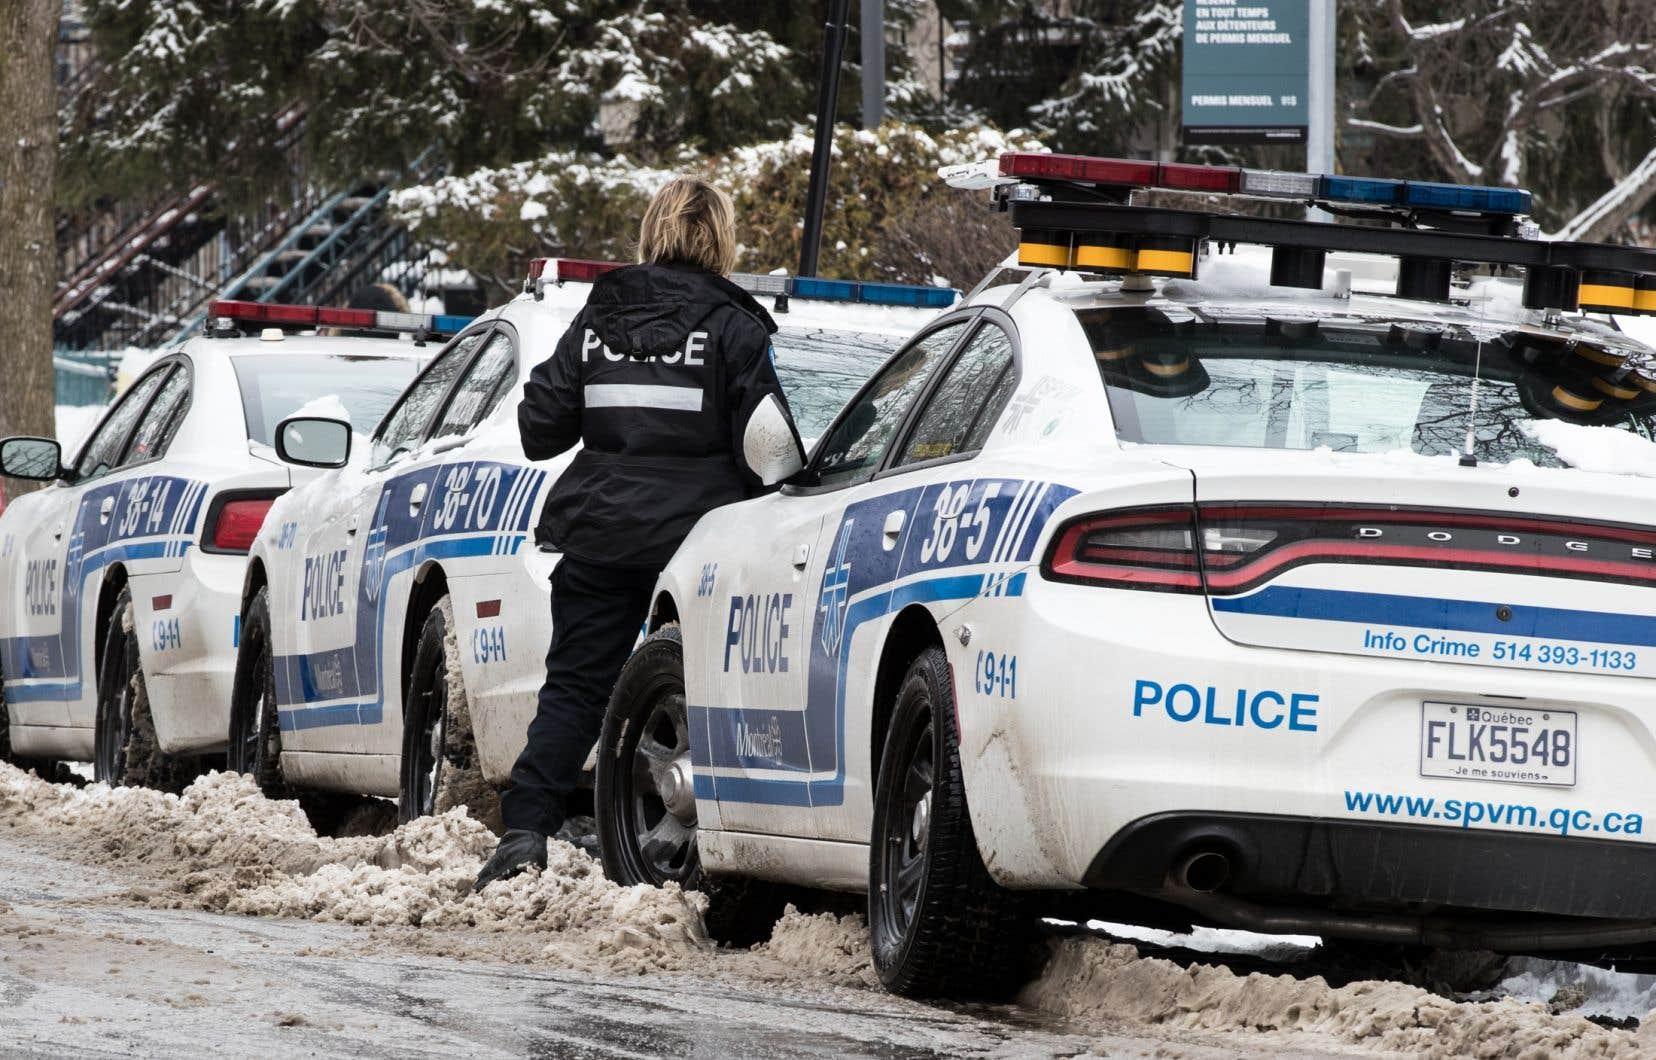 <p>Les recherches et vérifications de policiers n'ont permis de trouver aucun engin explosif ni rien de suspect au sein des entreprises situées dans cinq arrondissements différents.</p>